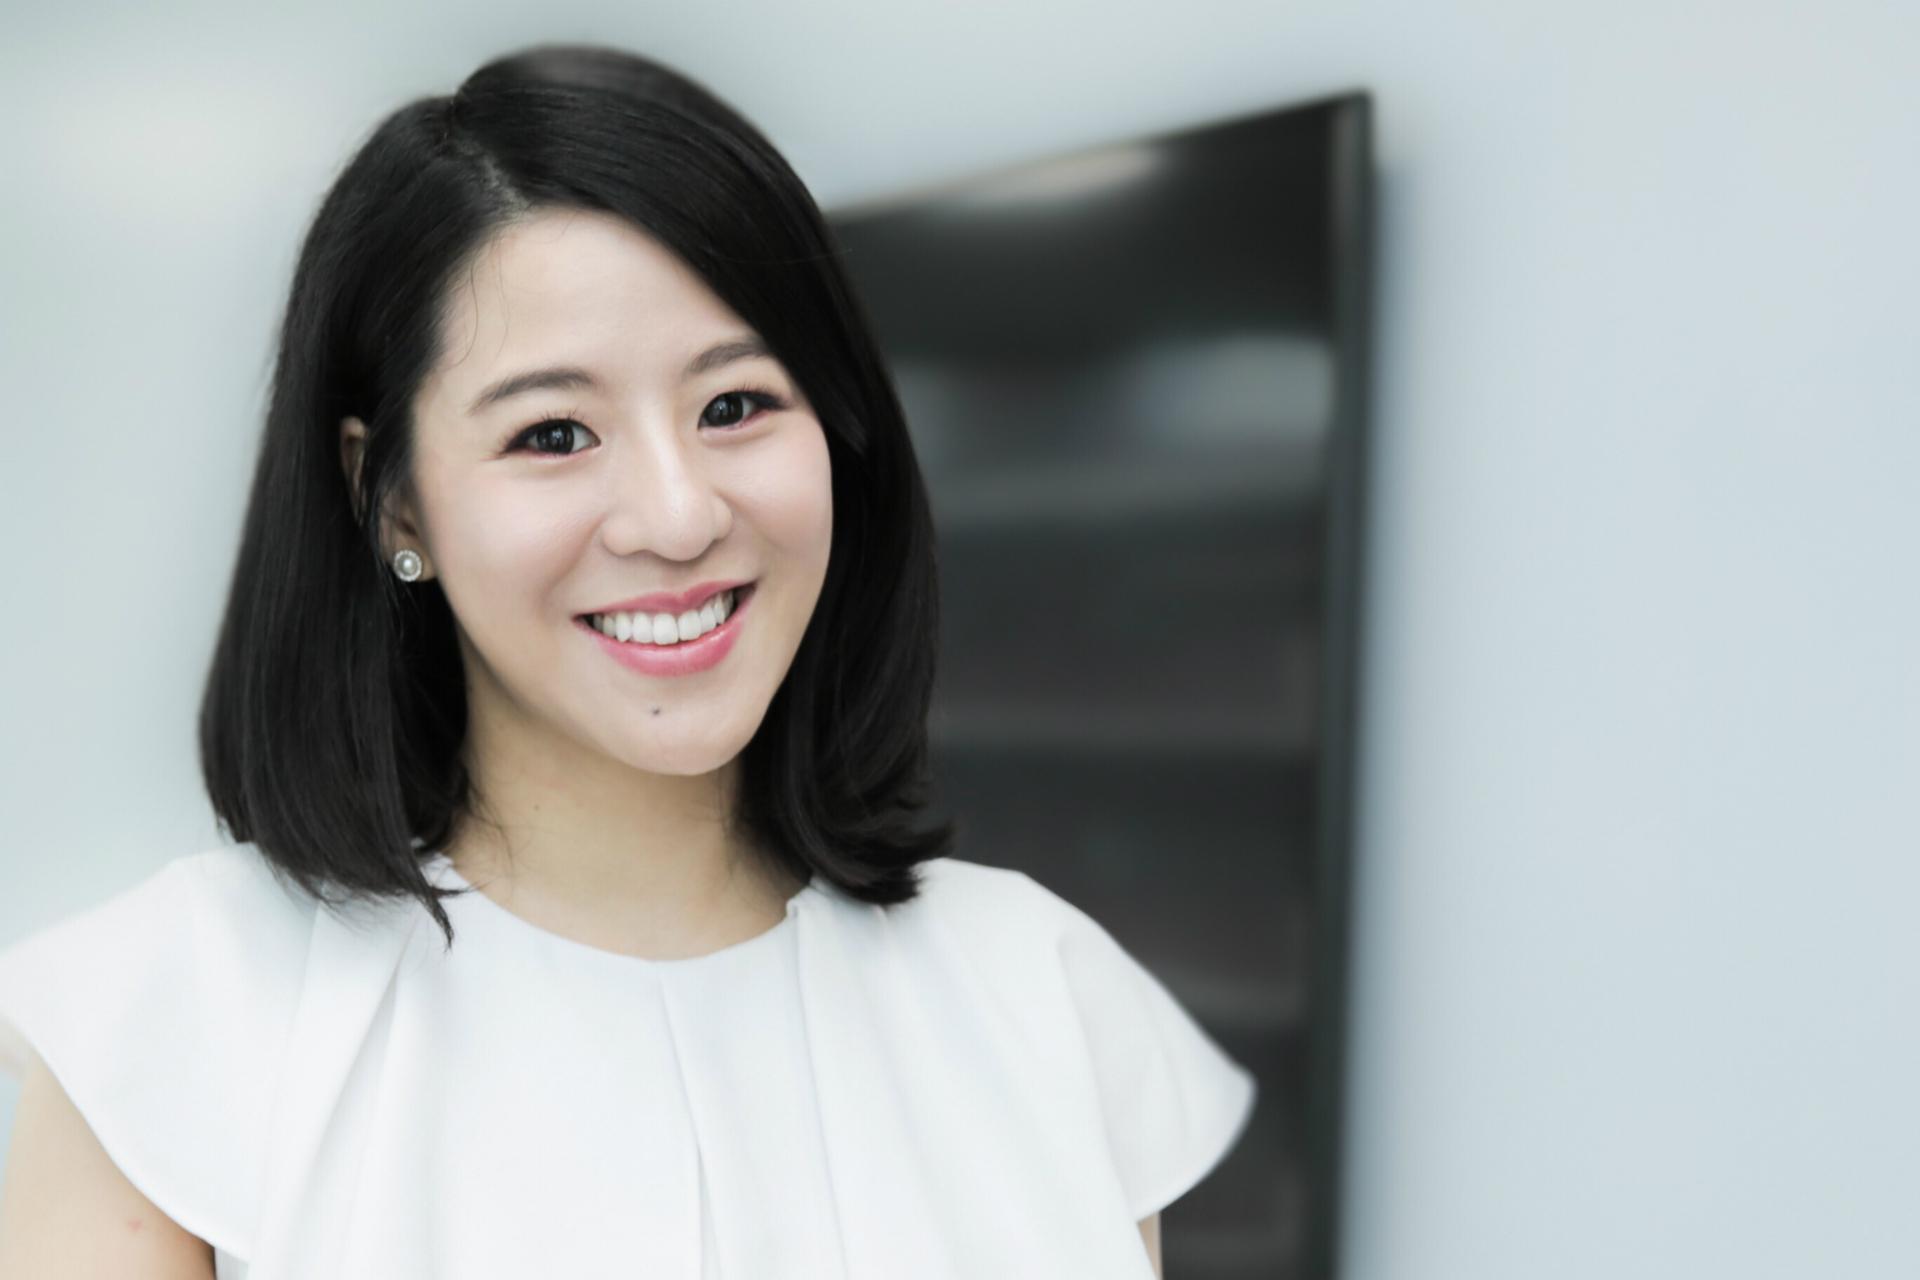 在國外求職被拒、文化不適應?妳要從堅定自己的心做起 - 日本 IBM marketing solution consultant, Melody Lin